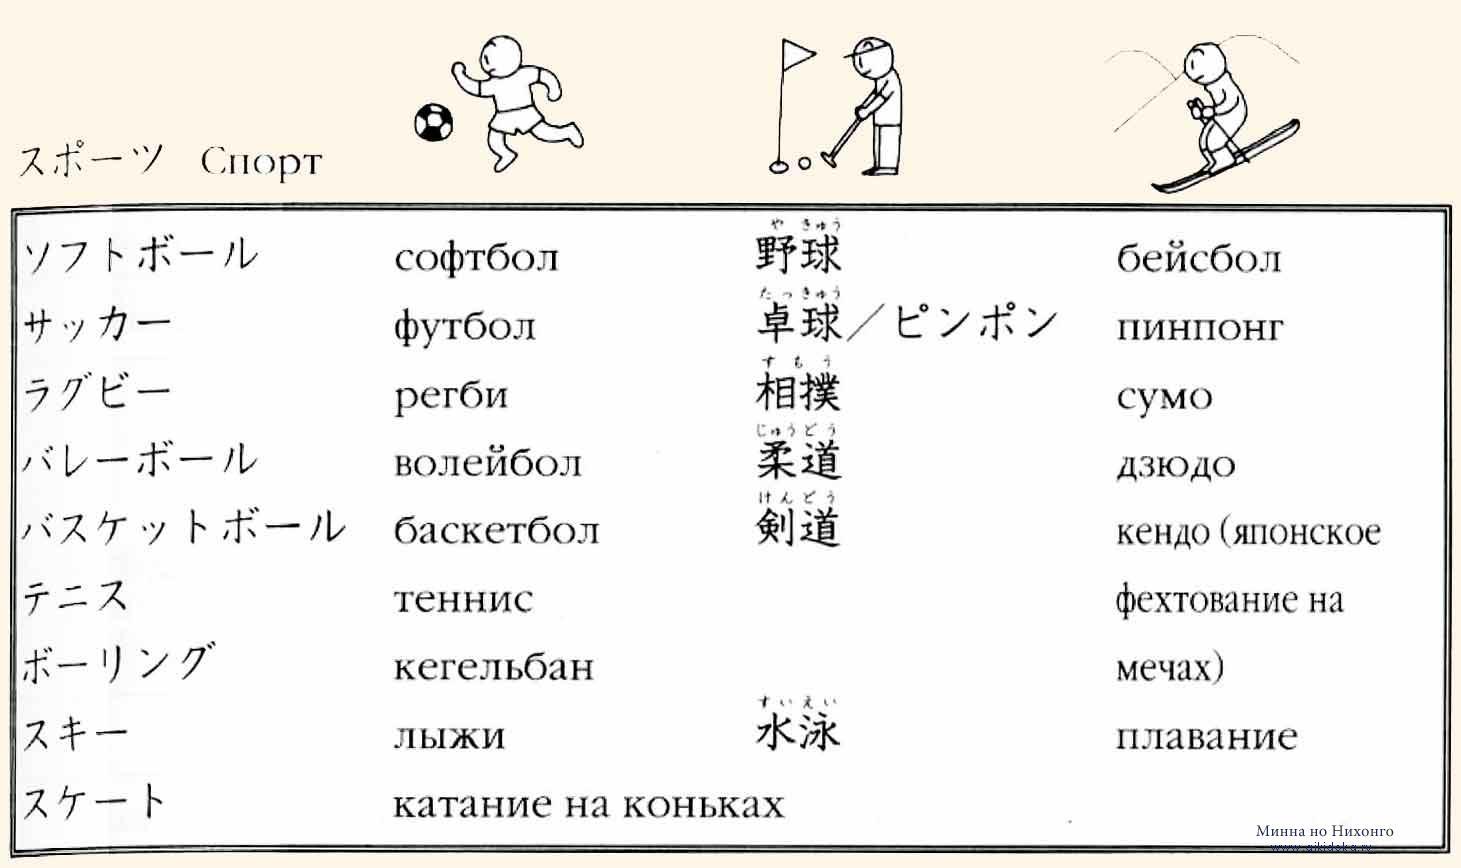 yaponskoe-vremya